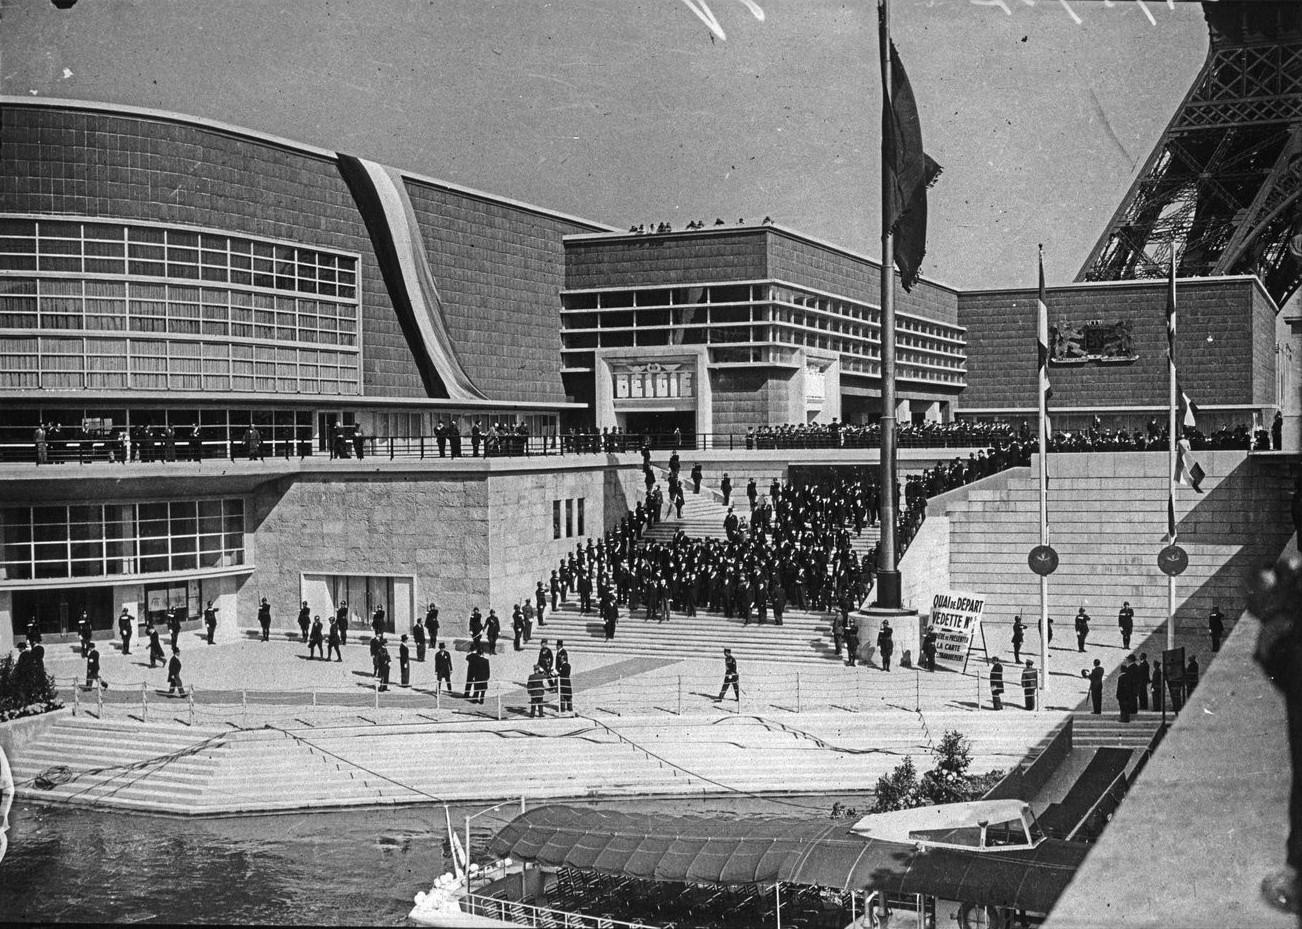 День открытия. Президентский кортеж перед павильоном Бельгии. 24 мая 1937